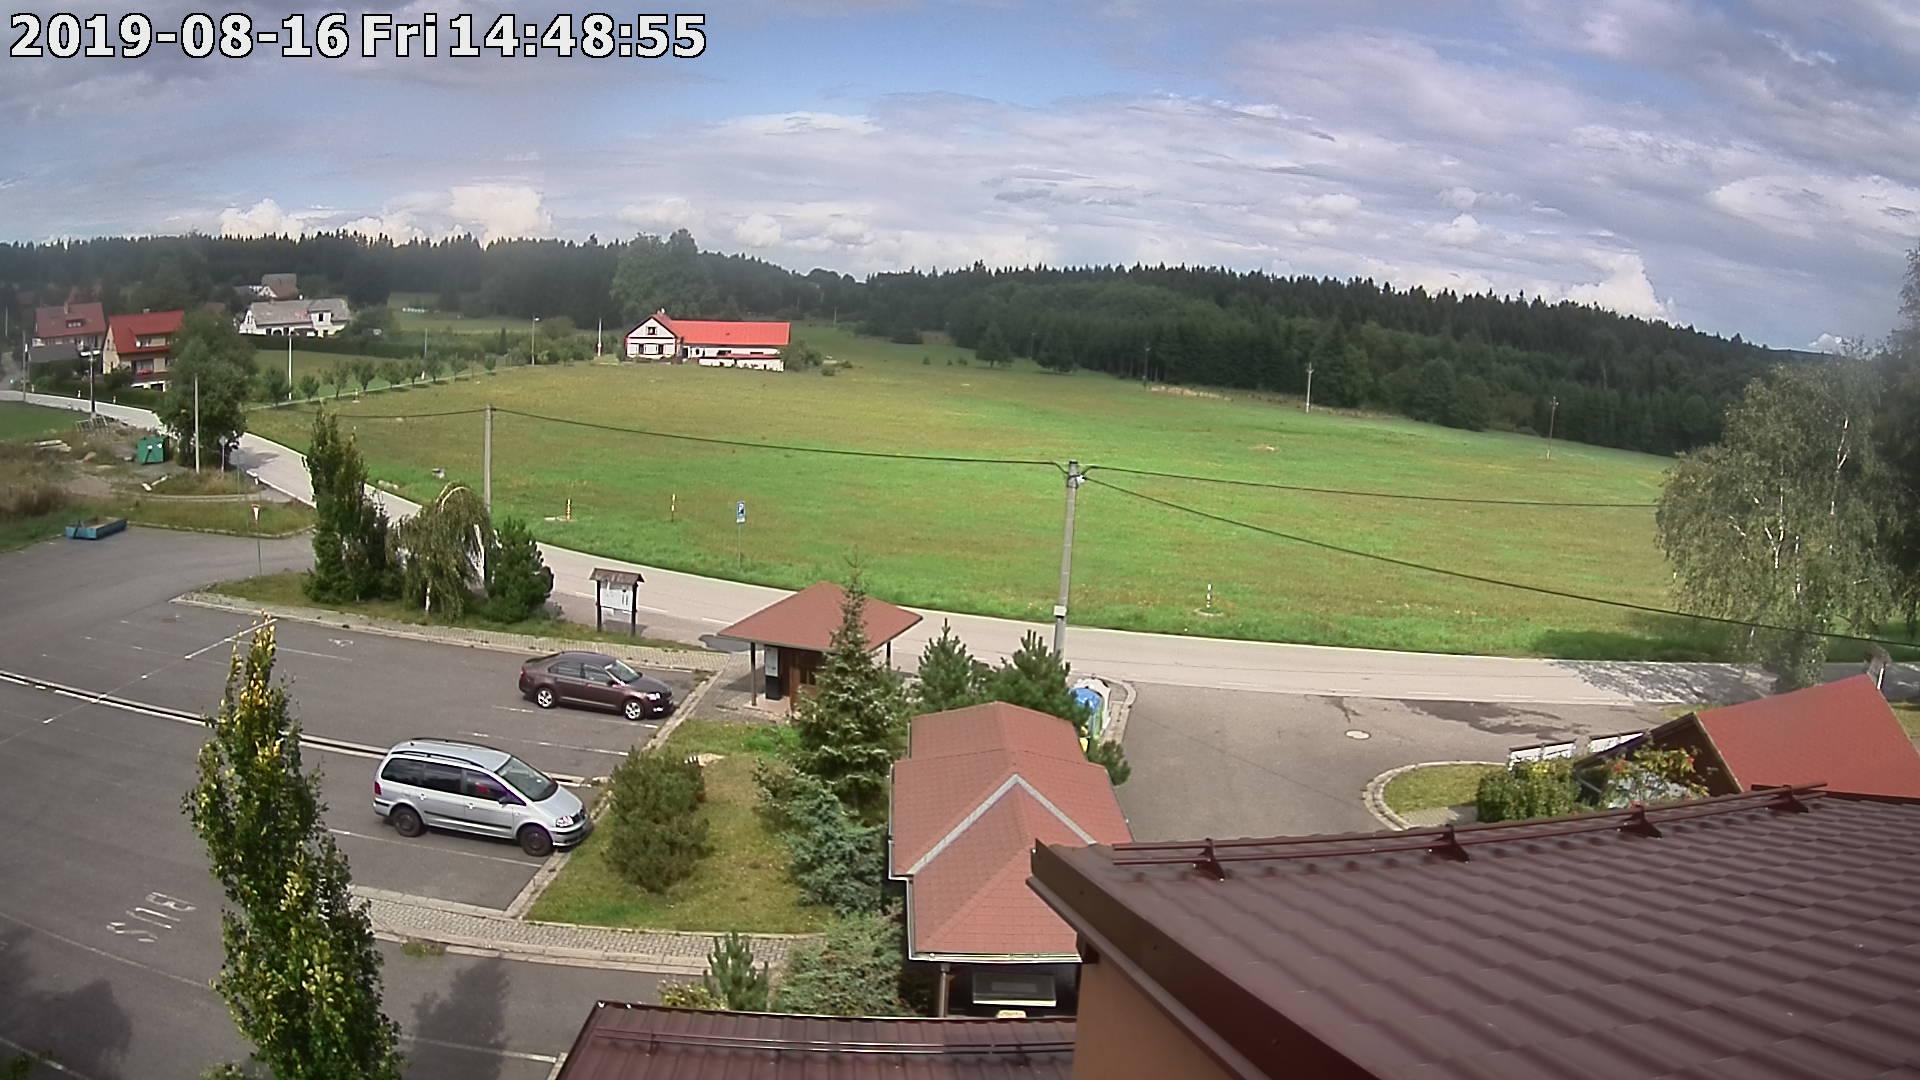 Webkamera ze dne 16.08.2019